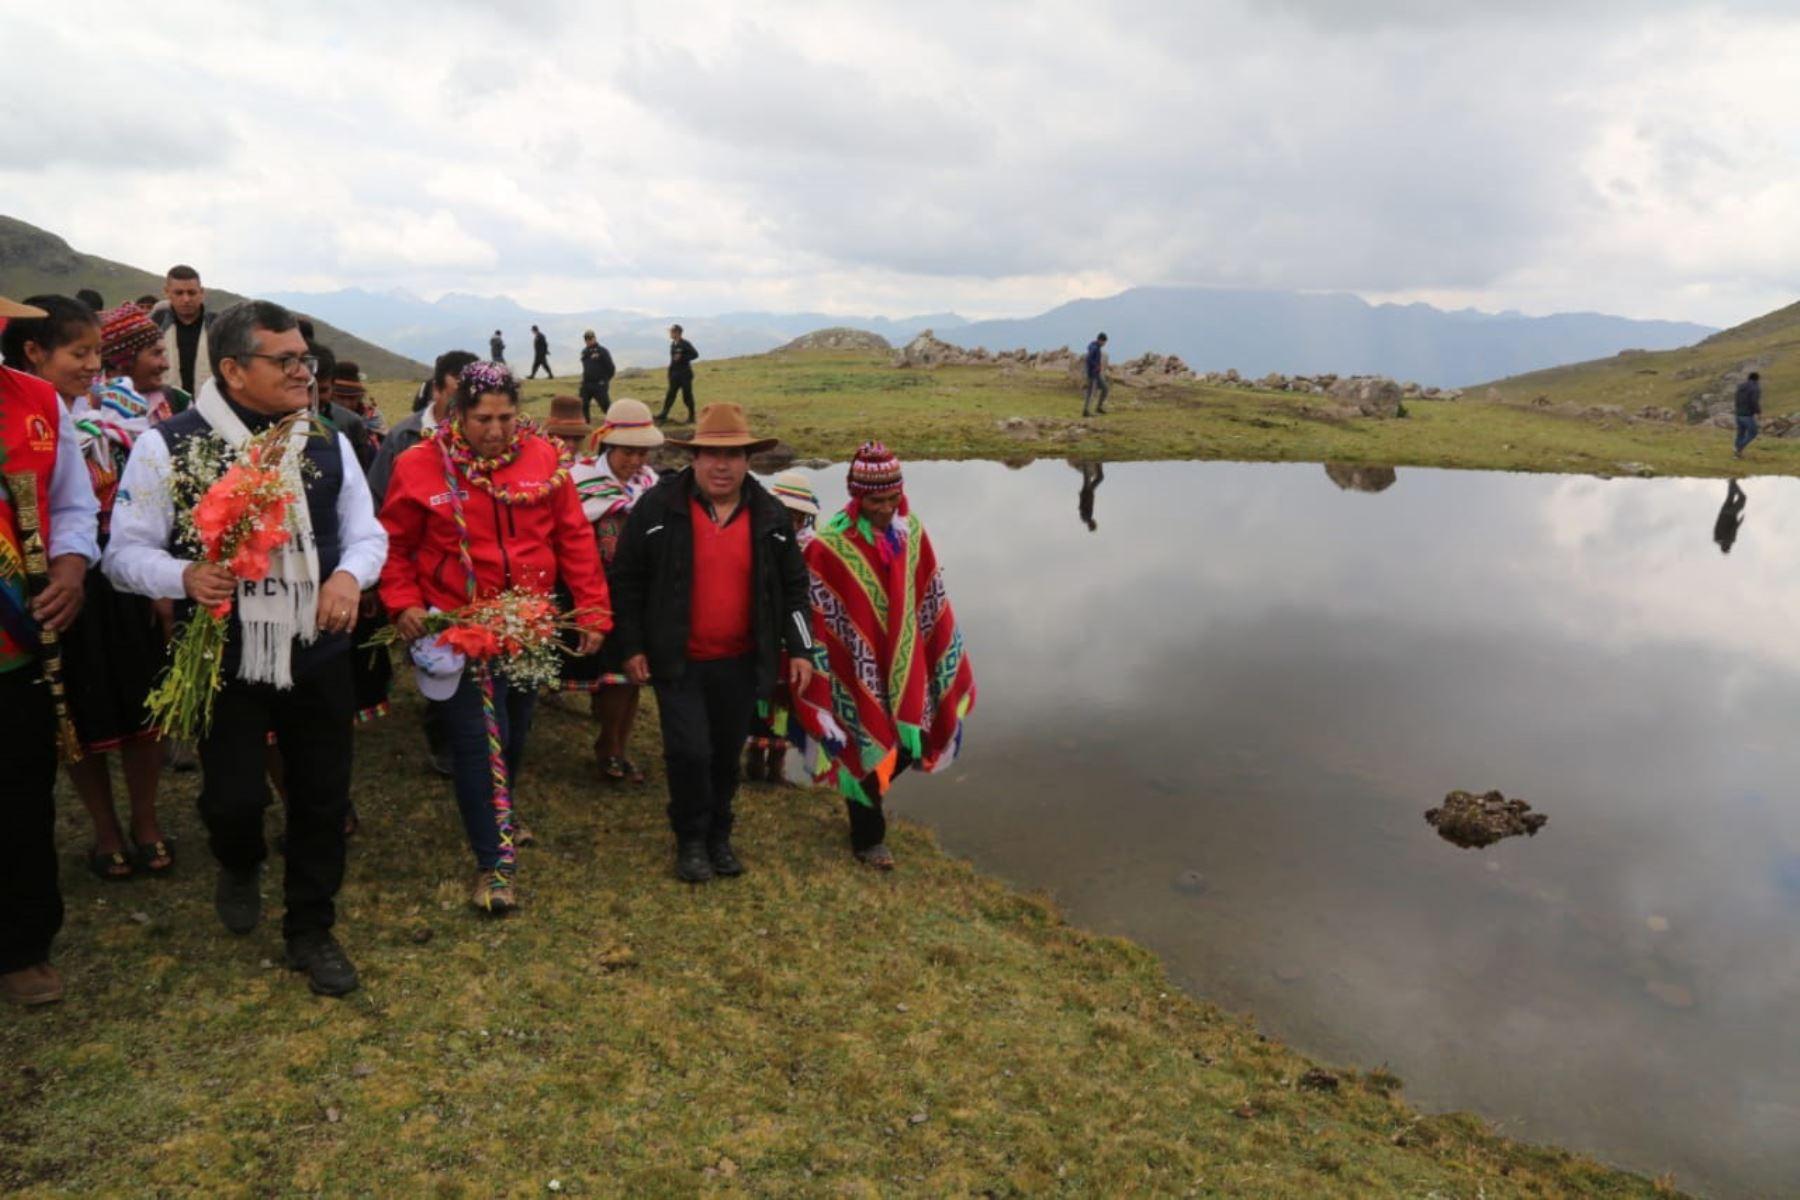 Ministerio de Agricultura y Riego construirá 160 qochas que aportarán agua a la agricultura familiar de las regiones Áncash, Apurímac, Ayacucho, Cusco y Huancavelica. ANDINA/Difusión